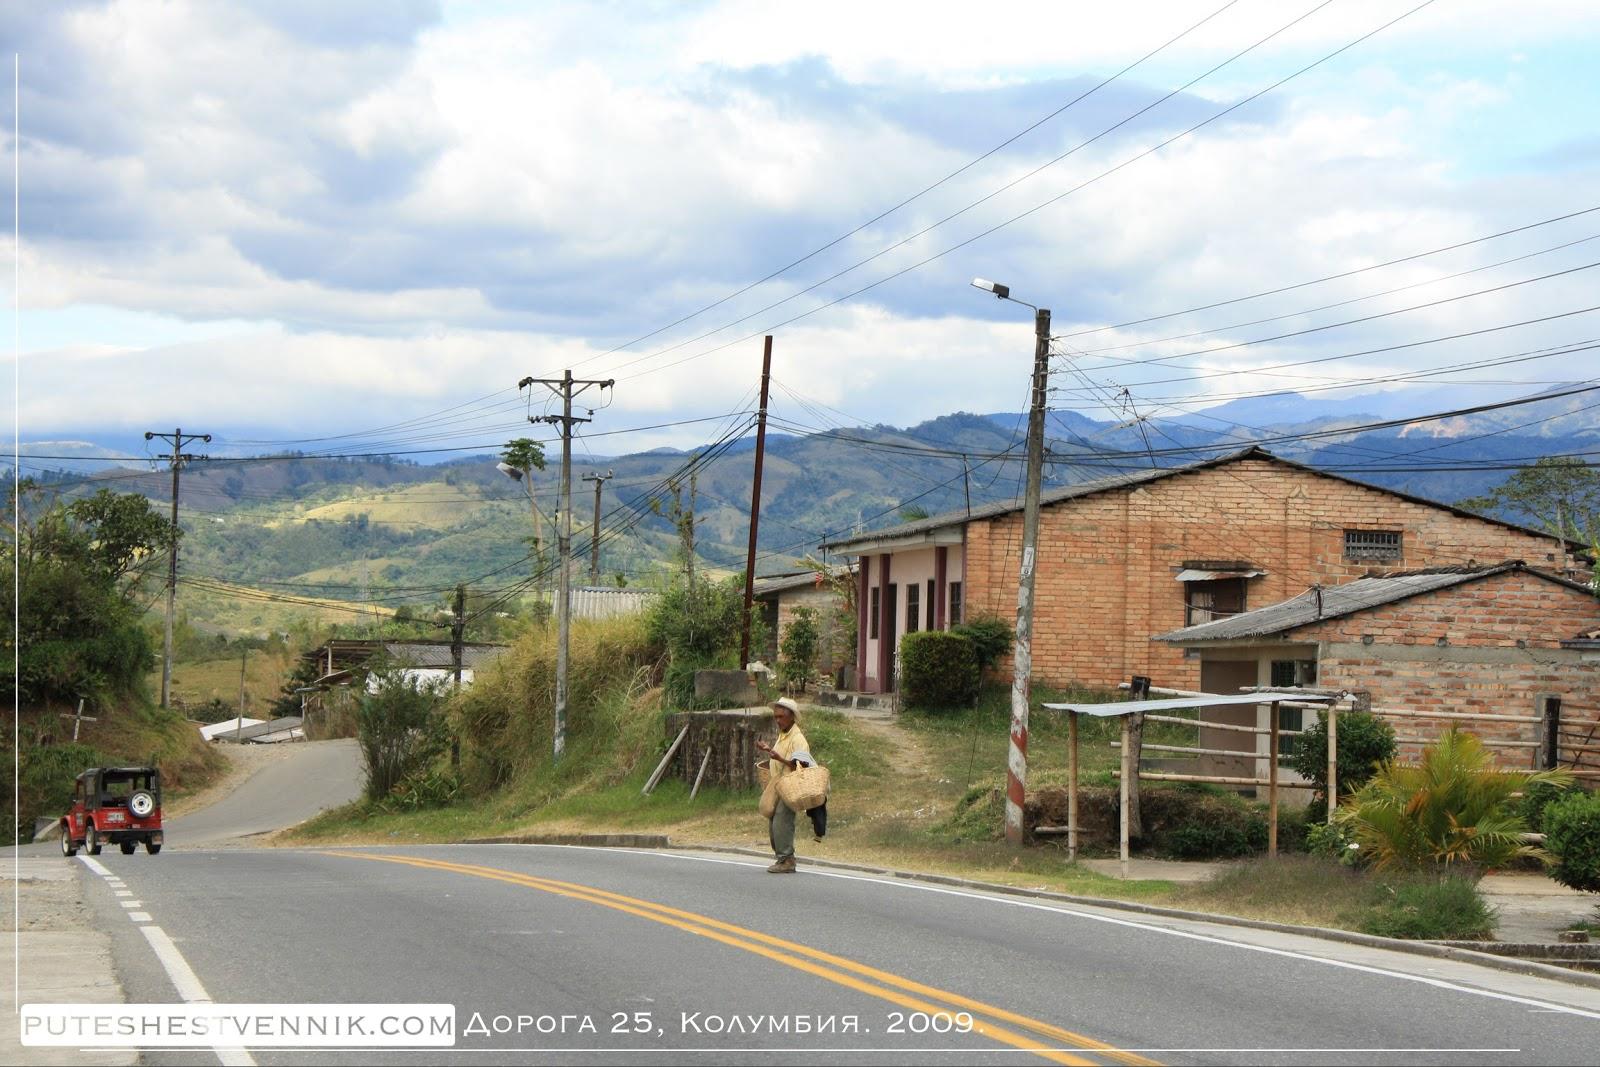 Асфальтированная трасса в Колумбии